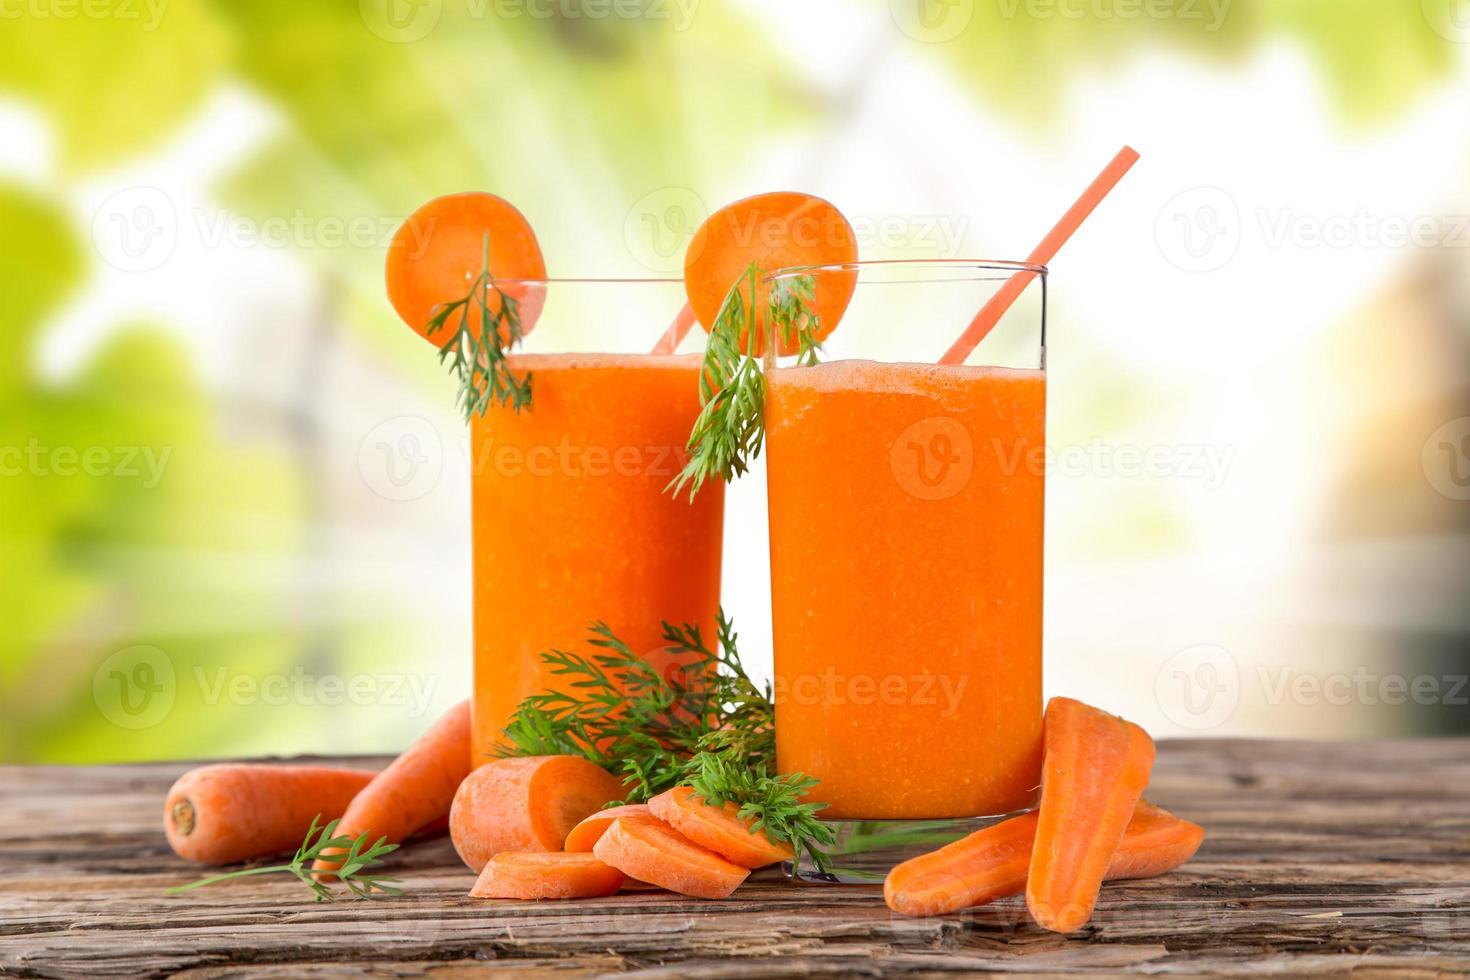 färsk morotjuice, hälsosamma drycker. foto